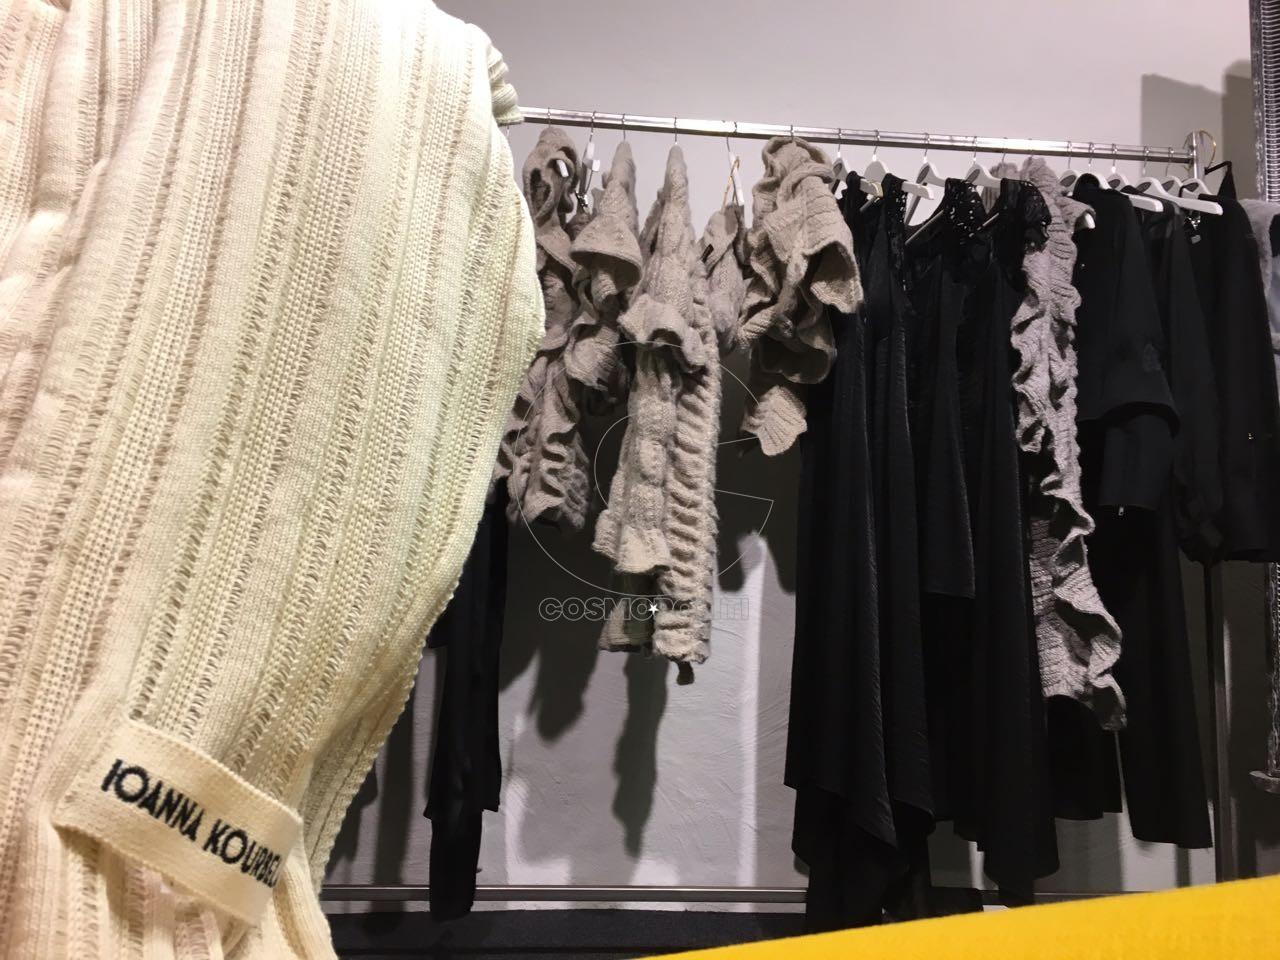 Ioanna Kourbela_Oslo store_2017 (4)